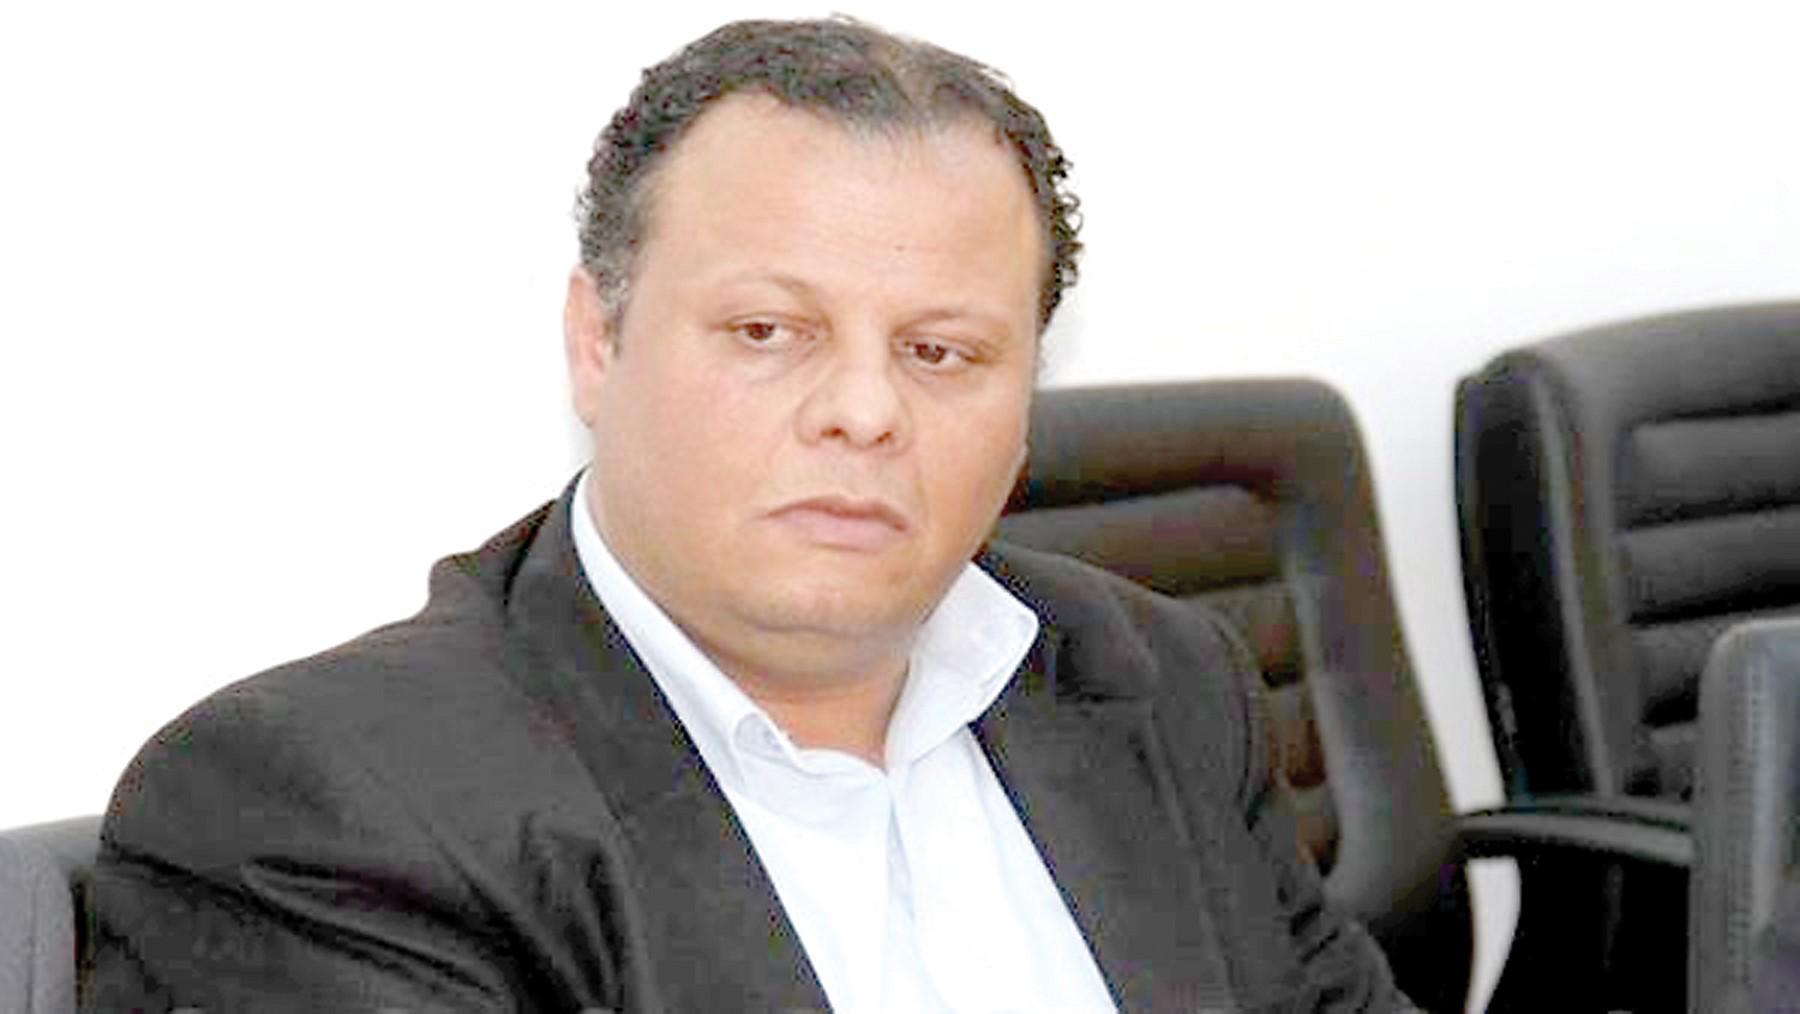 طلال الميهوب - رئيس لجنة الدفاع والأمن القومي بمجلس النواب الليبي